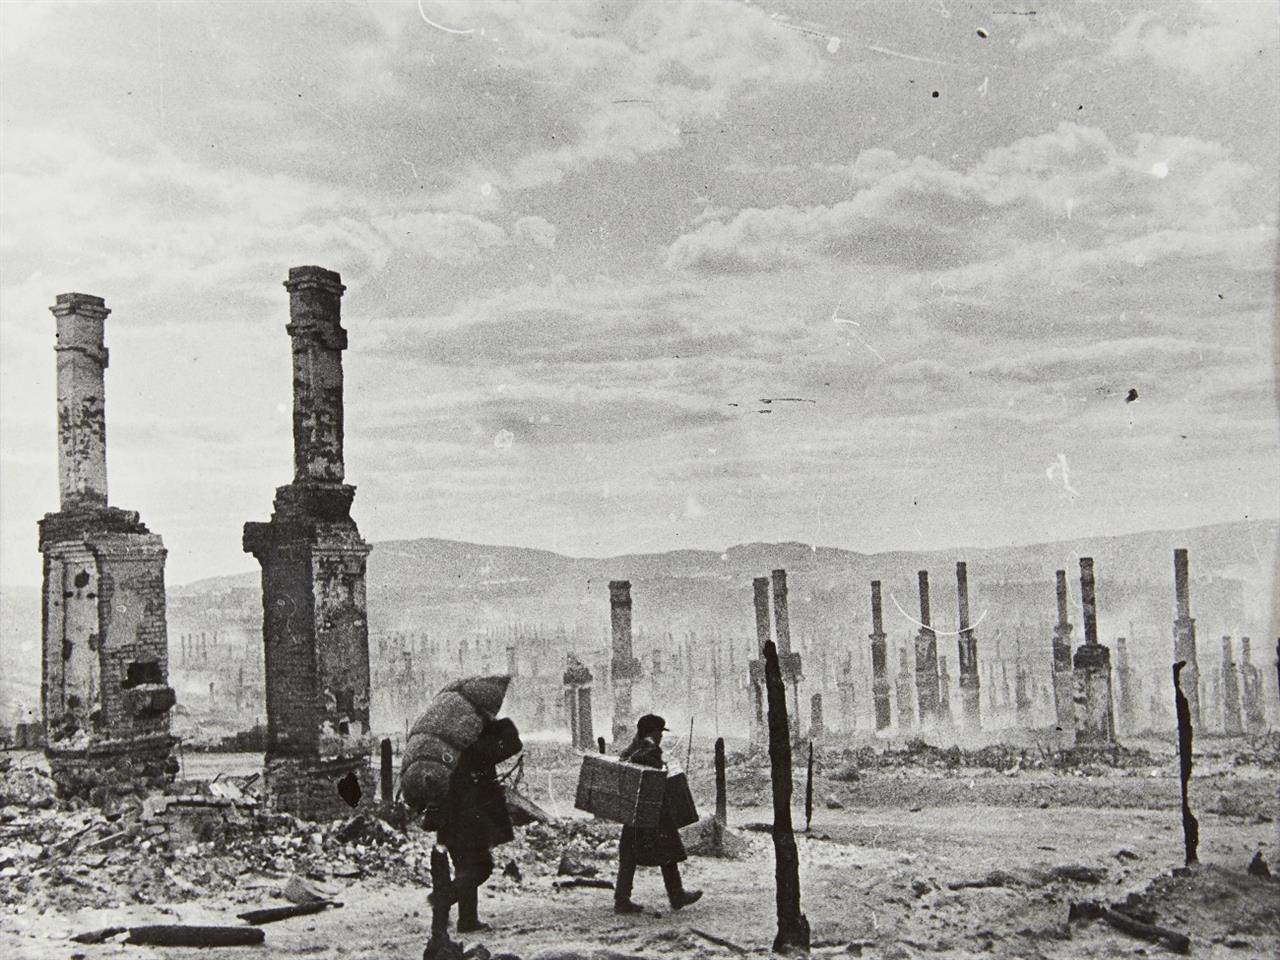 Yevgeni Chaldej. Flüchtlinge in Murmansk. (1942). Silbergelatineabzug. Signiert, bezeichnet und datiert Wohl späterer Abzug.